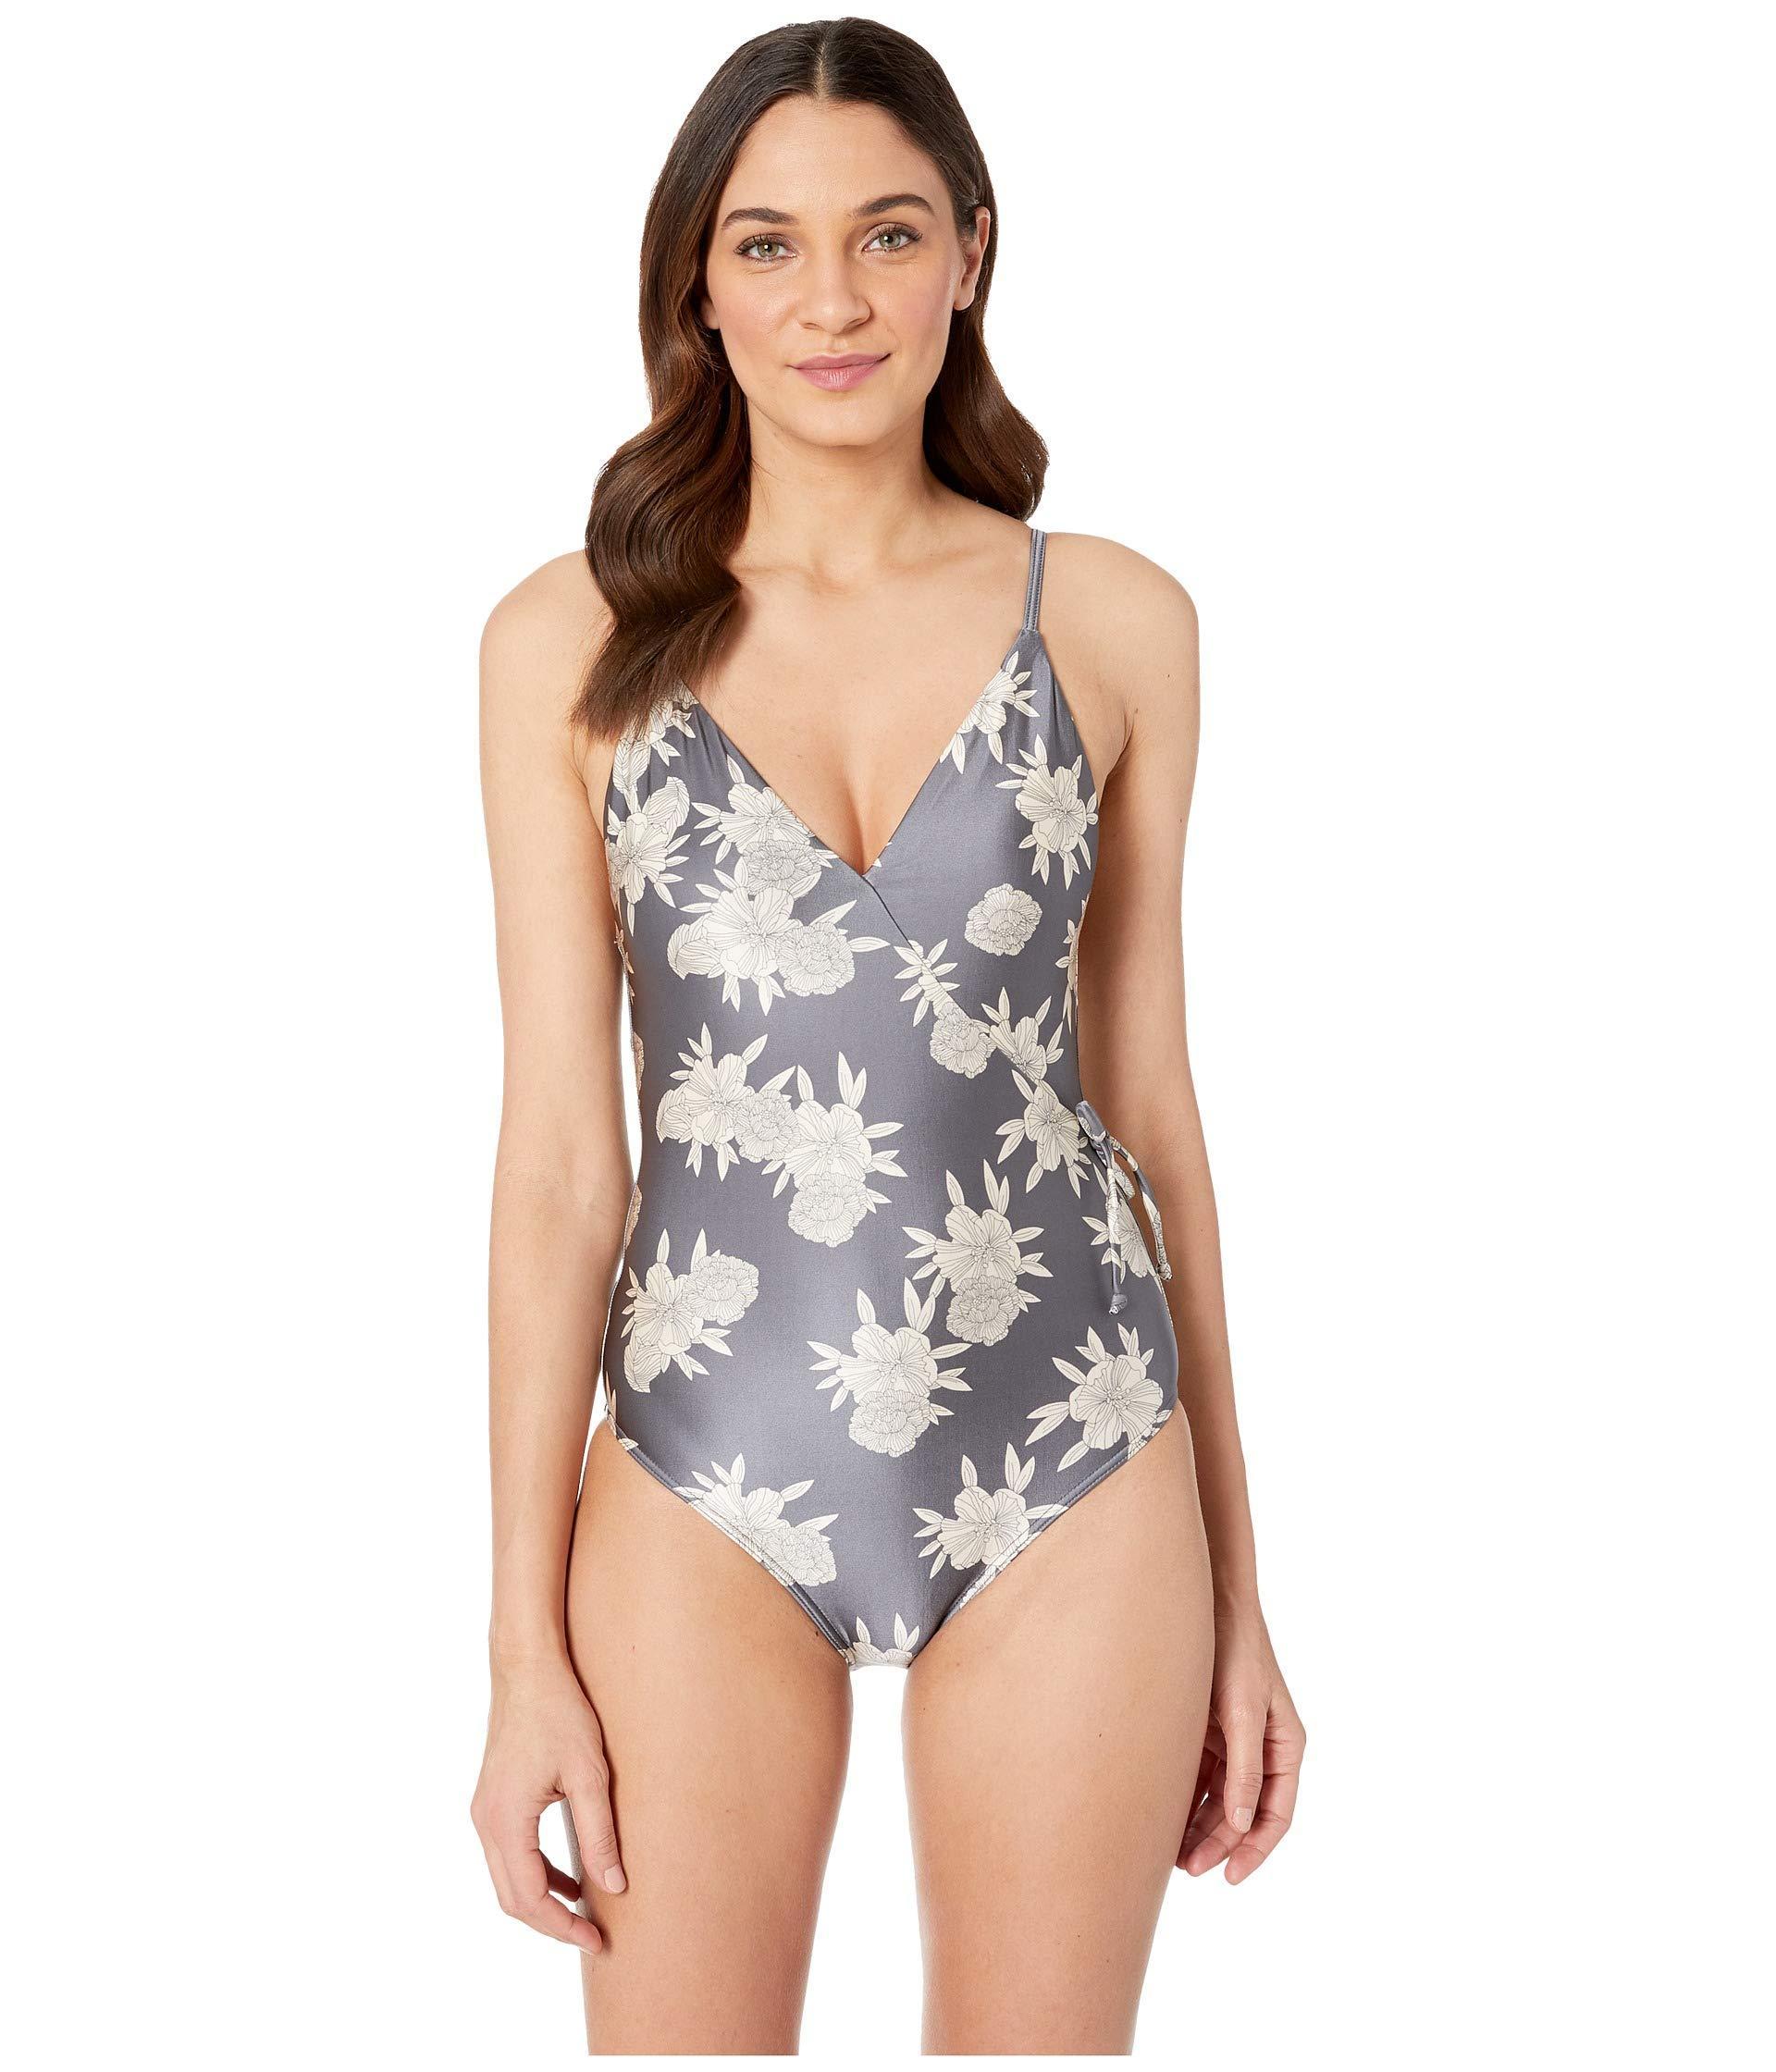 Roxy Womens Romantic Senses One Piece Swimsuit